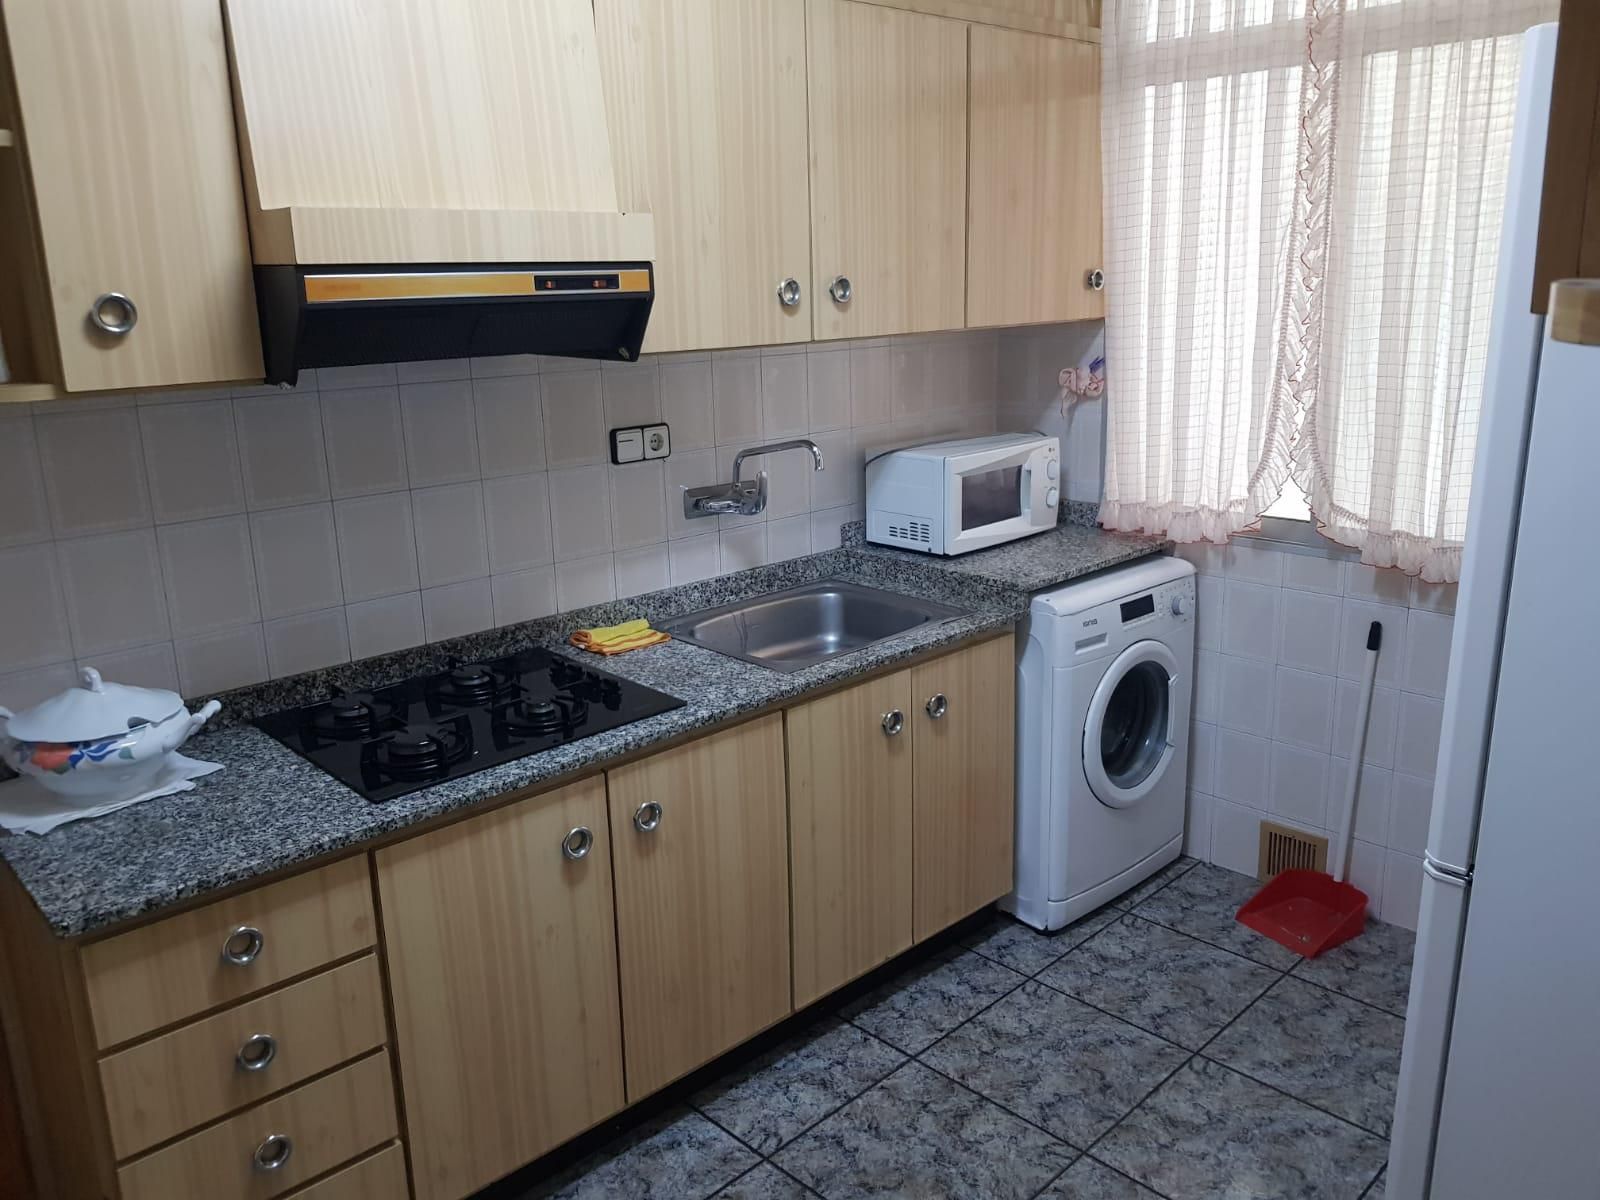 Imagen 4 Apartamento en venta en Elda / Piso primero en Elda, zona Acacias-Avenida de Madrid